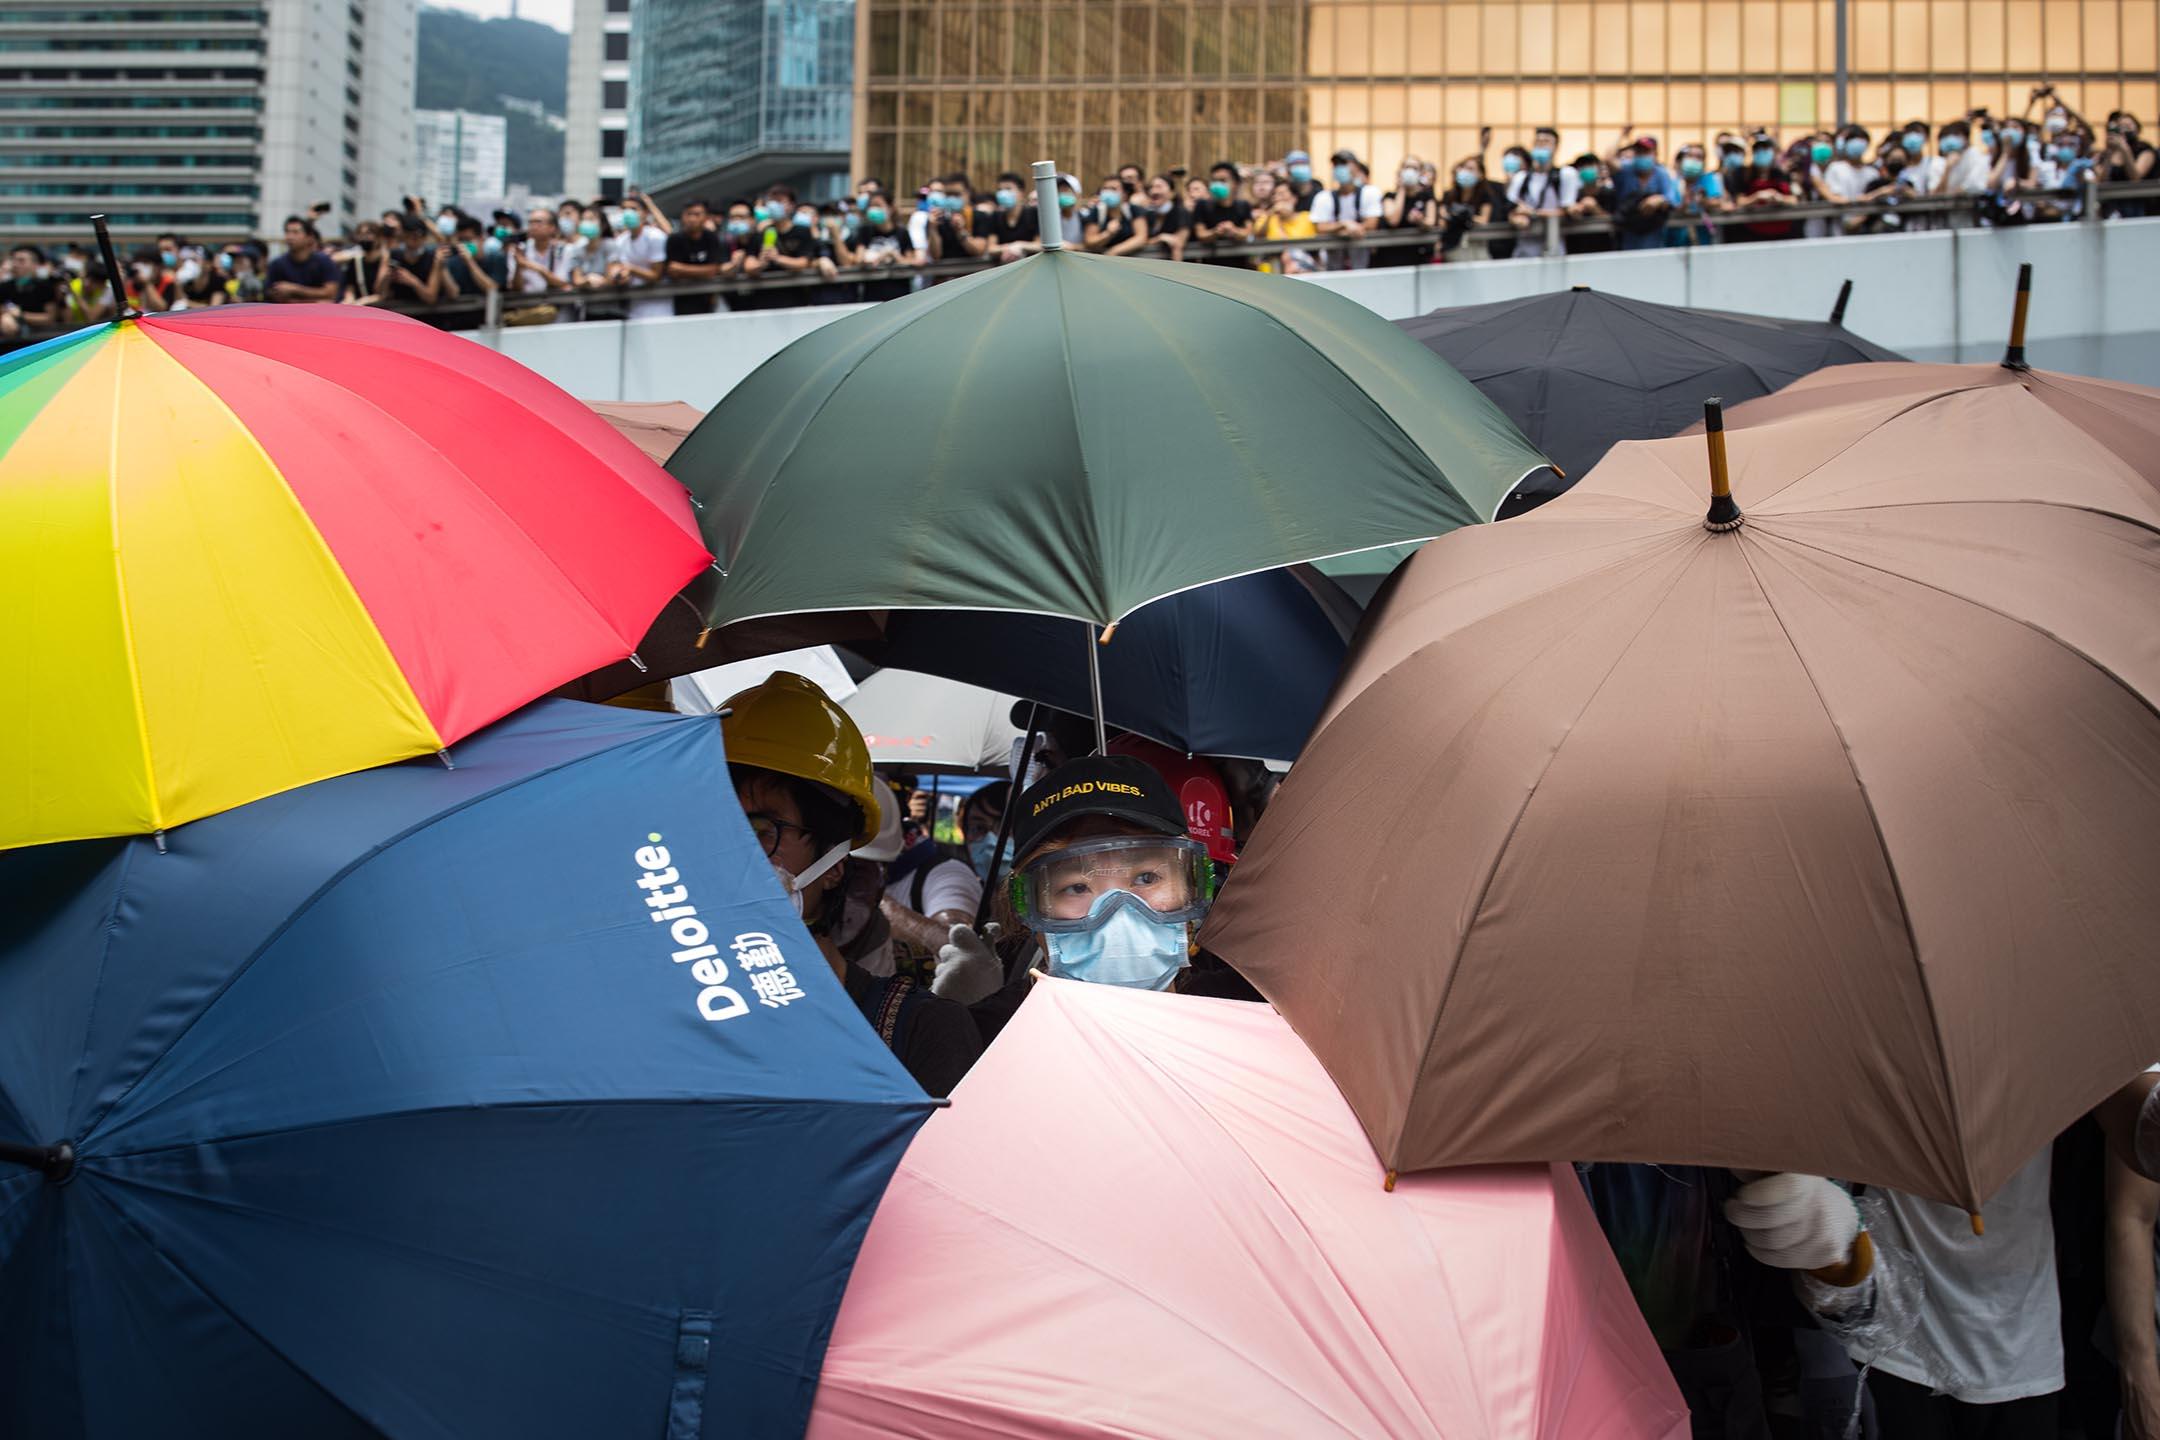 2019年6月12日,大批香港市民佔領金鐘立法會和政府總部附近的街道,令原訂當天上午11時開始《逃犯條例》修訂草案二讀無法如期展開。 攝:陳焯煇/端傳媒